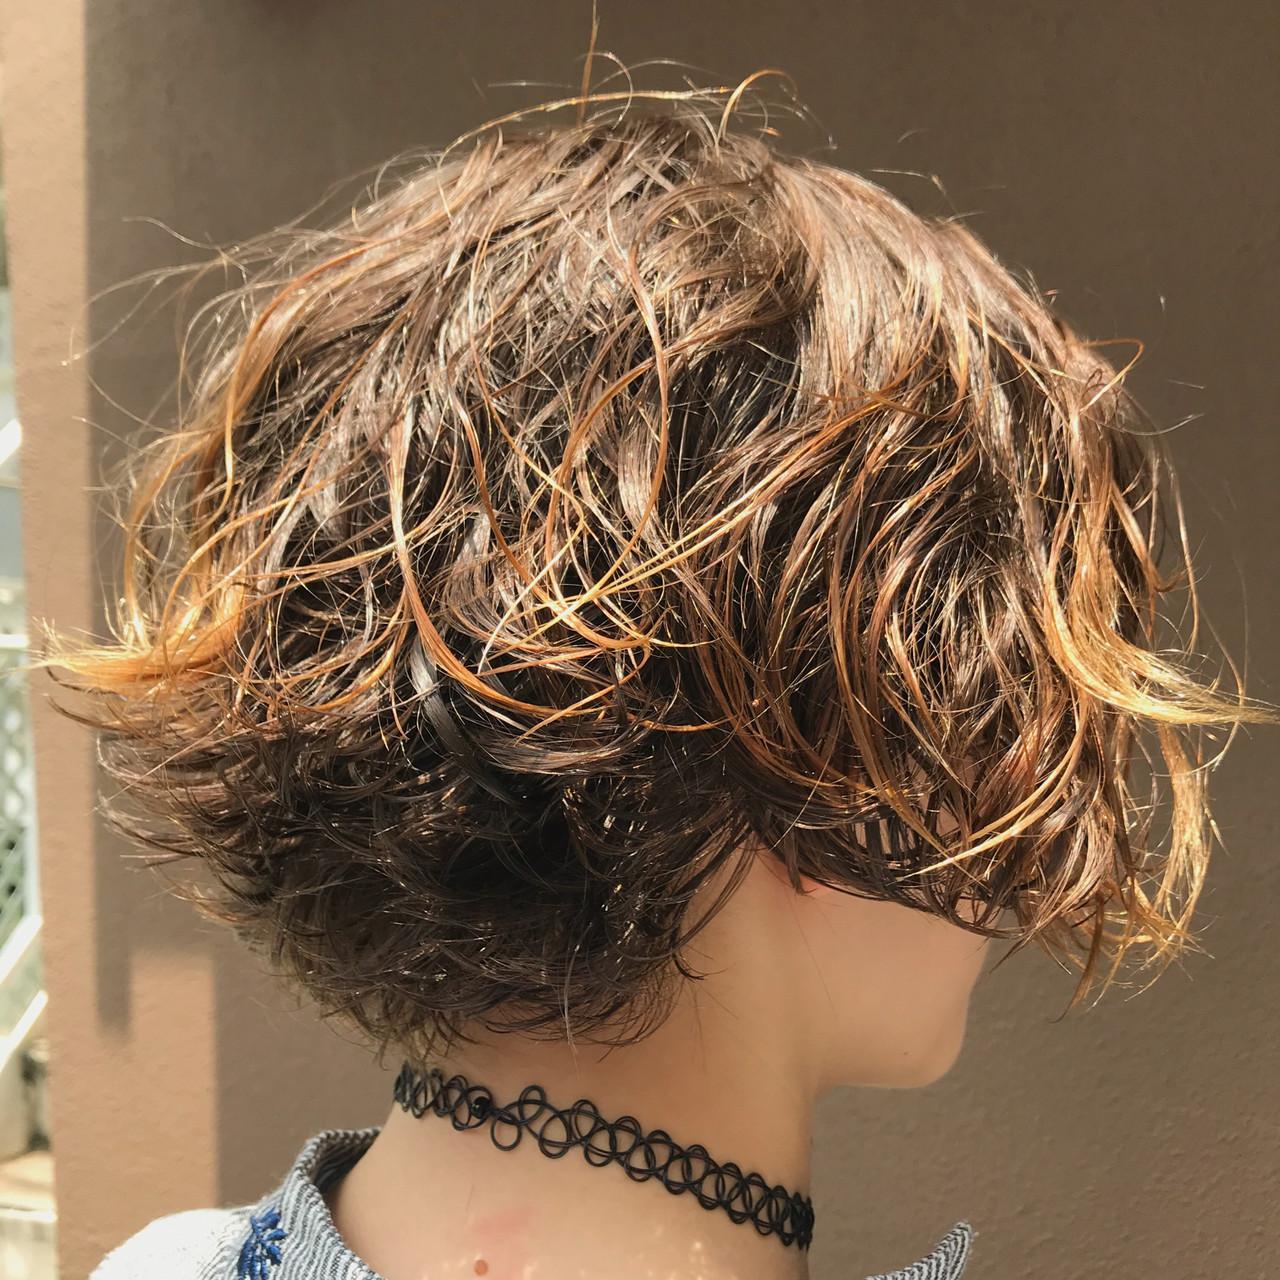 抜け感 ウェットヘア ハンサムショート モード ヘアスタイルや髪型の写真・画像